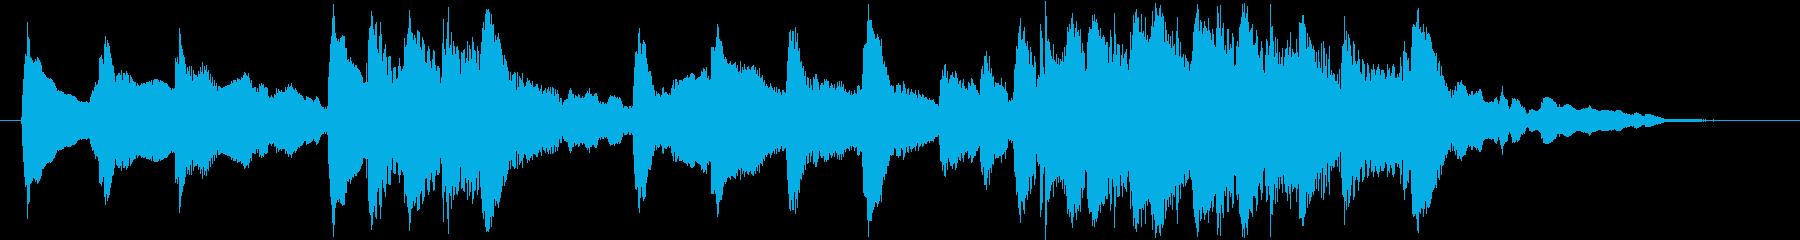 琴と尺八の純和風ロゴの再生済みの波形